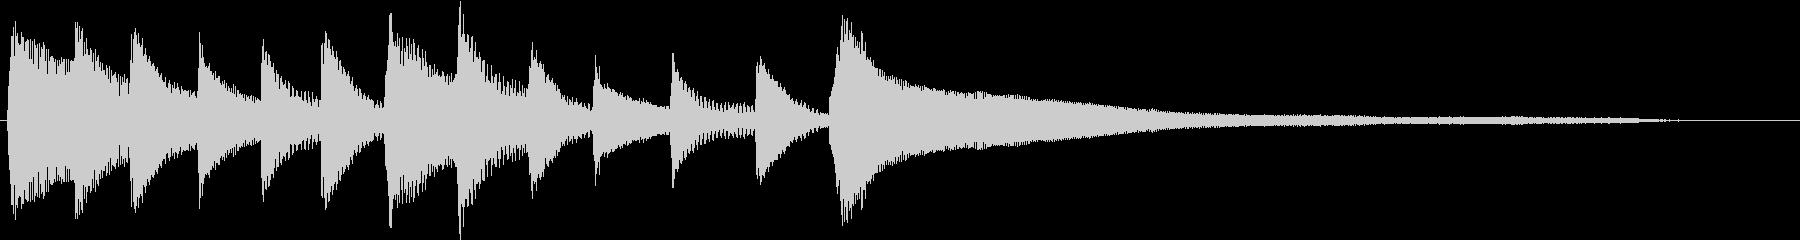 CMや映像に 優しいピアノのジングルの未再生の波形